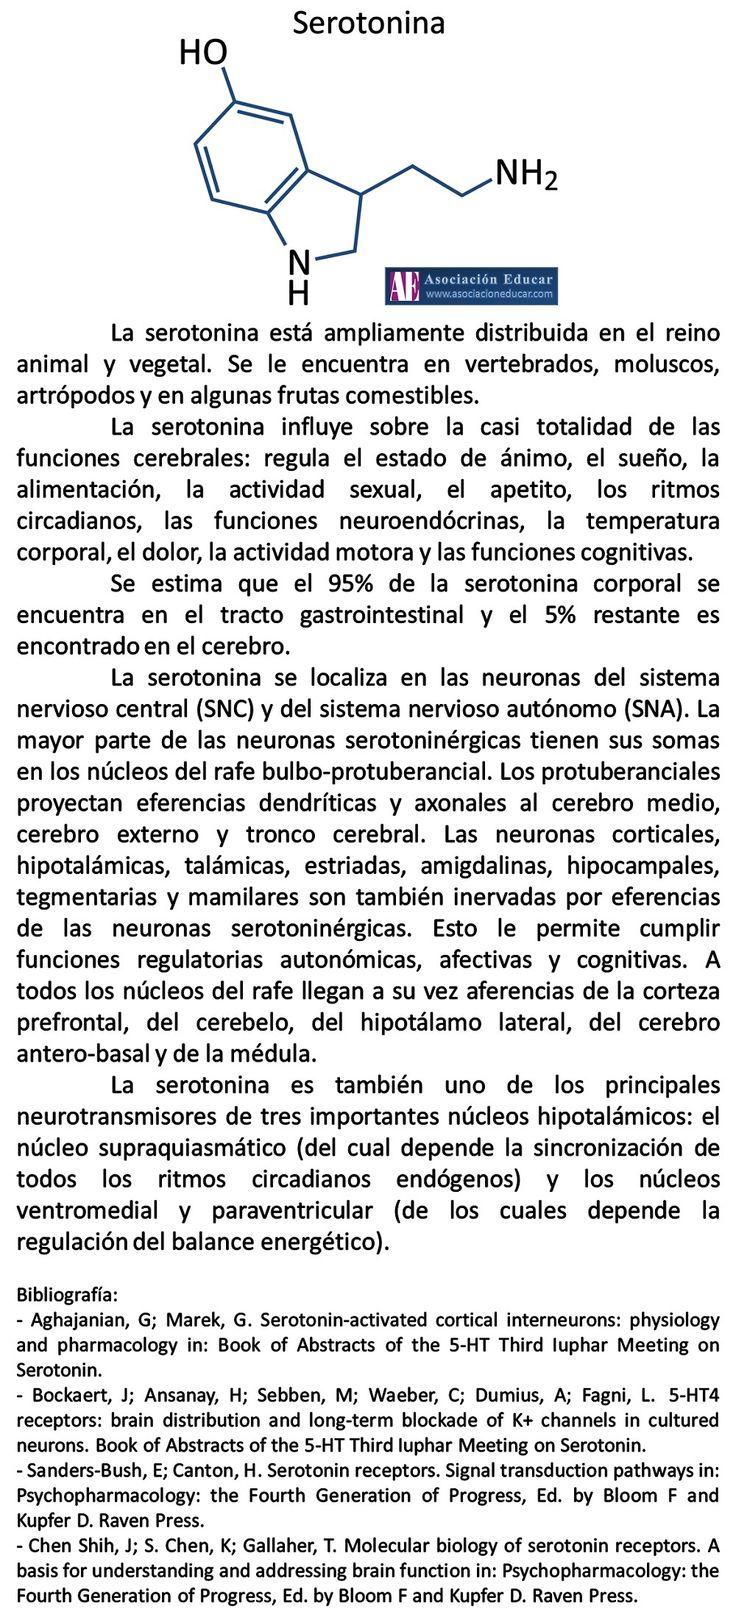 Infografía Neurociencias: Serotonina. | Asociación Educar